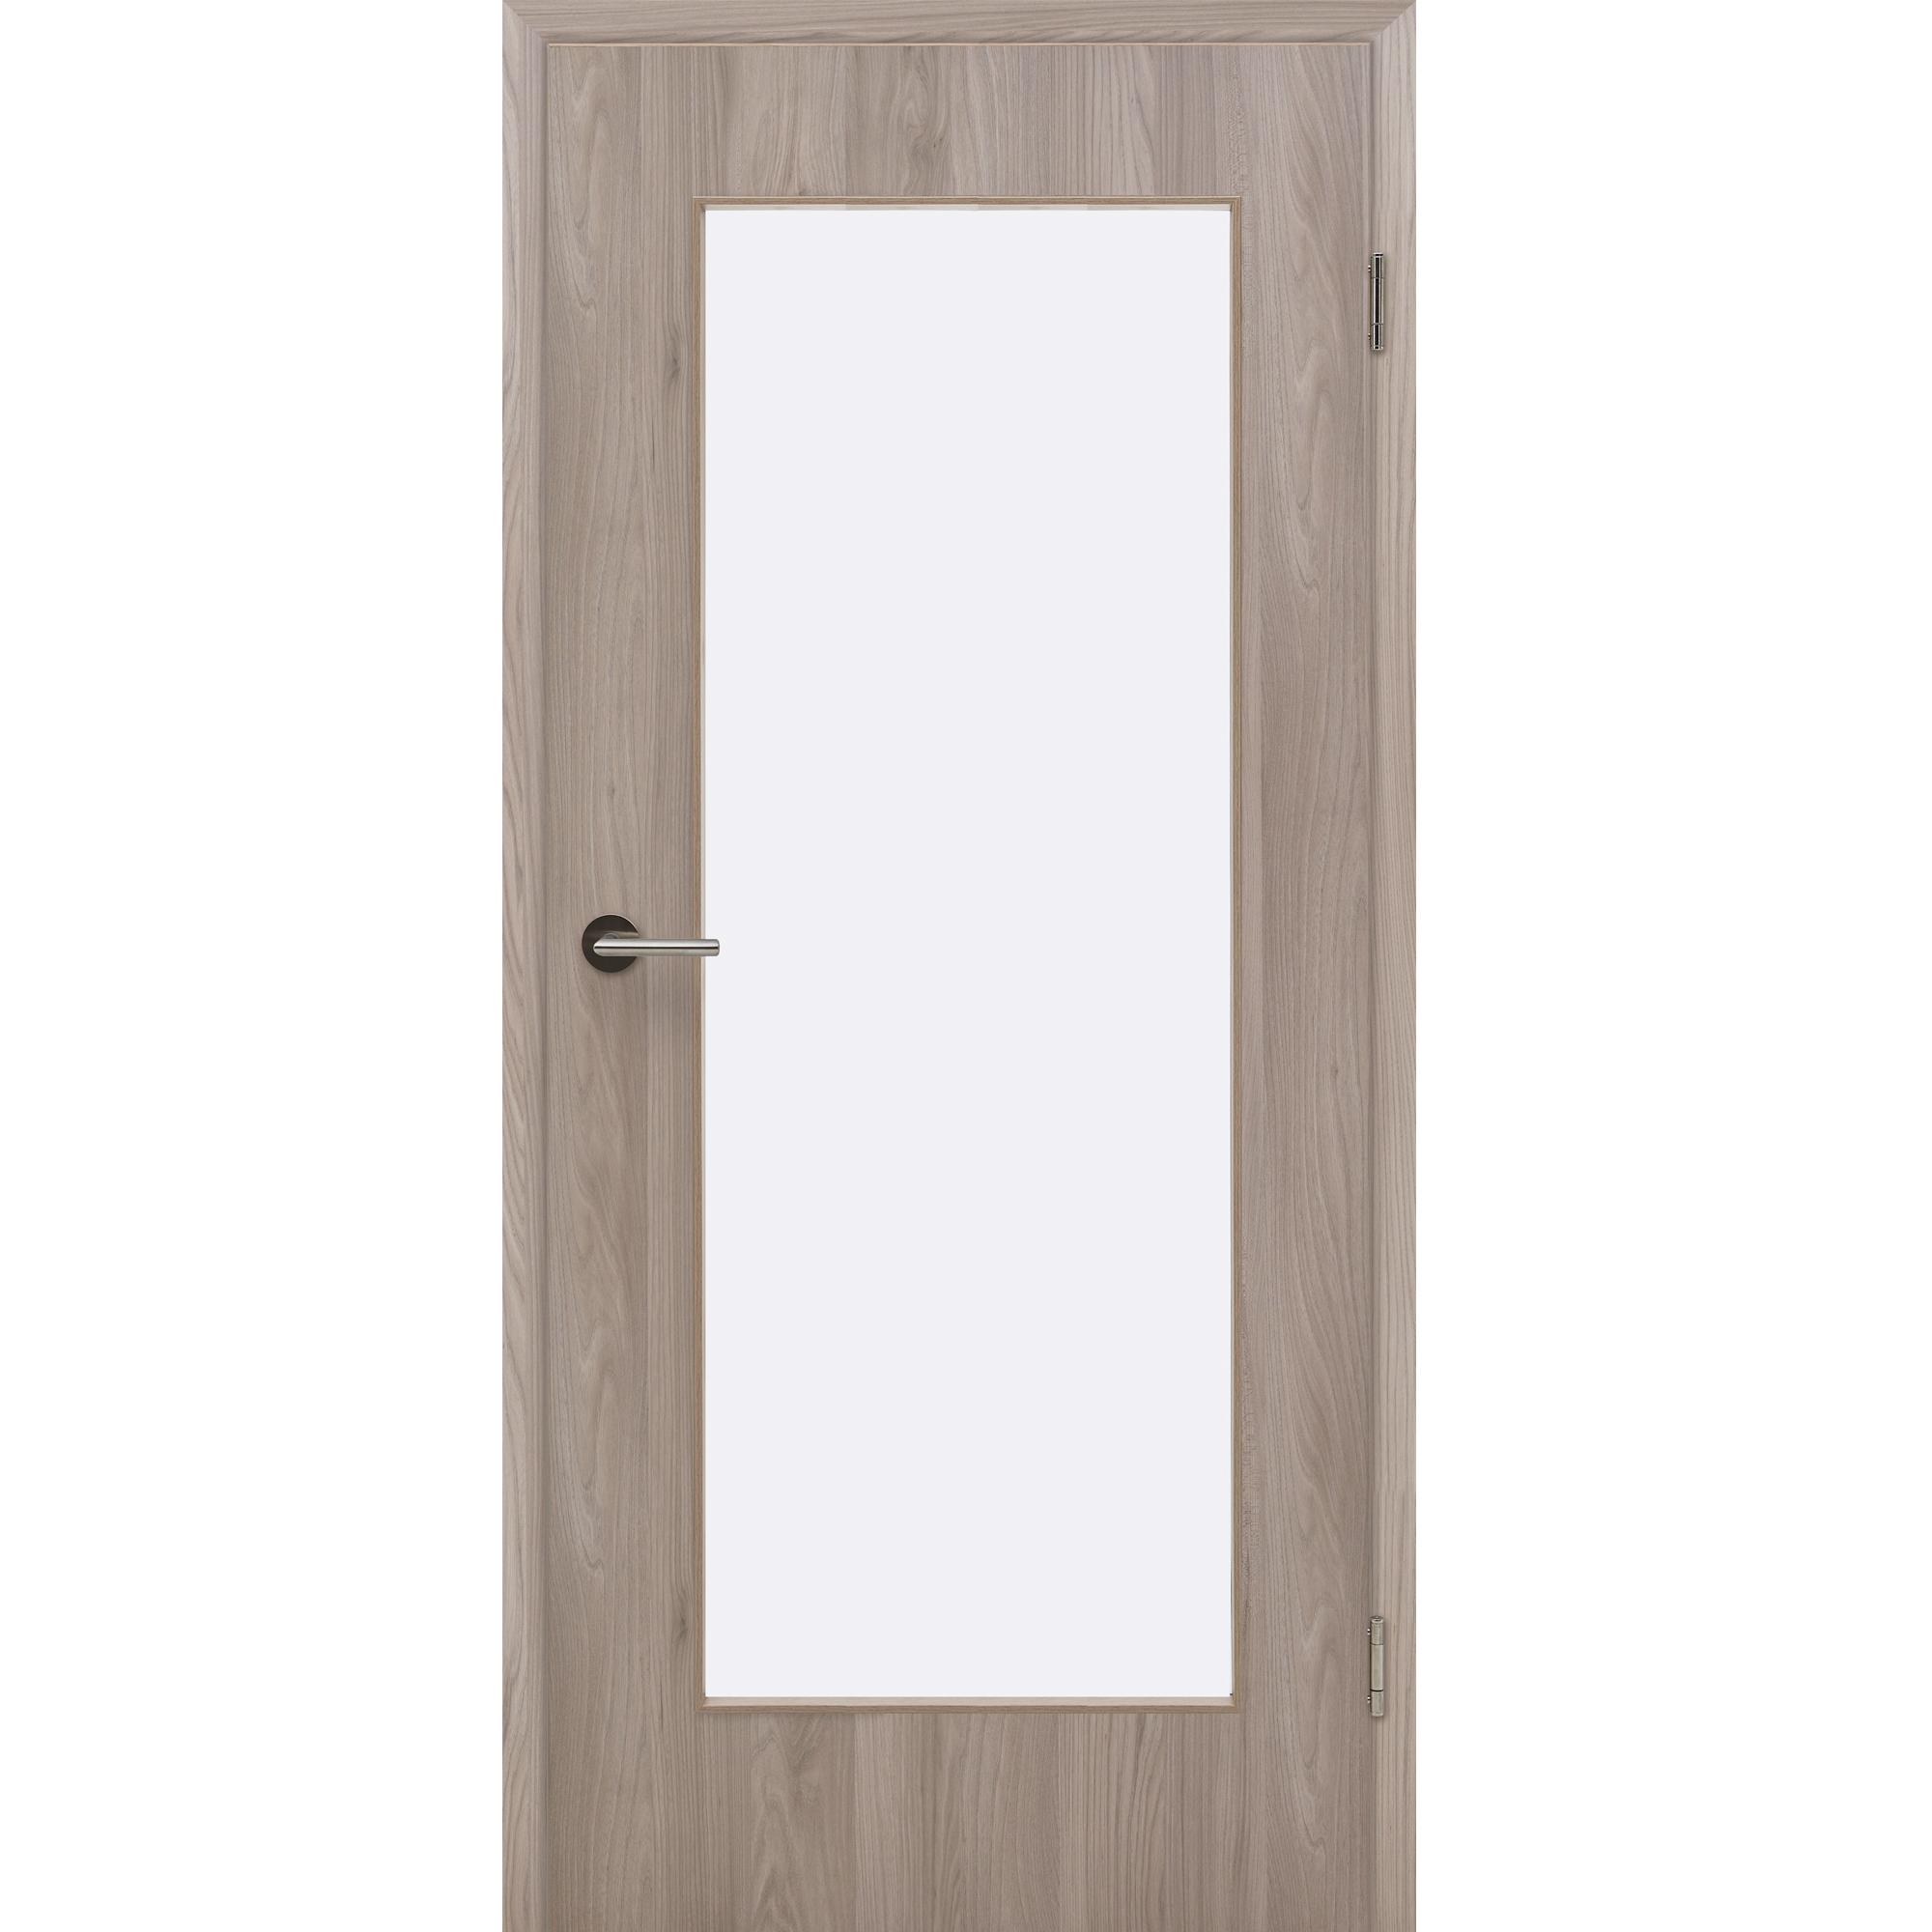 zimmert r mit zarge cpl sandeiche la 16 20 lichtausschnitt rundkante kp holz shop haust ren. Black Bedroom Furniture Sets. Home Design Ideas